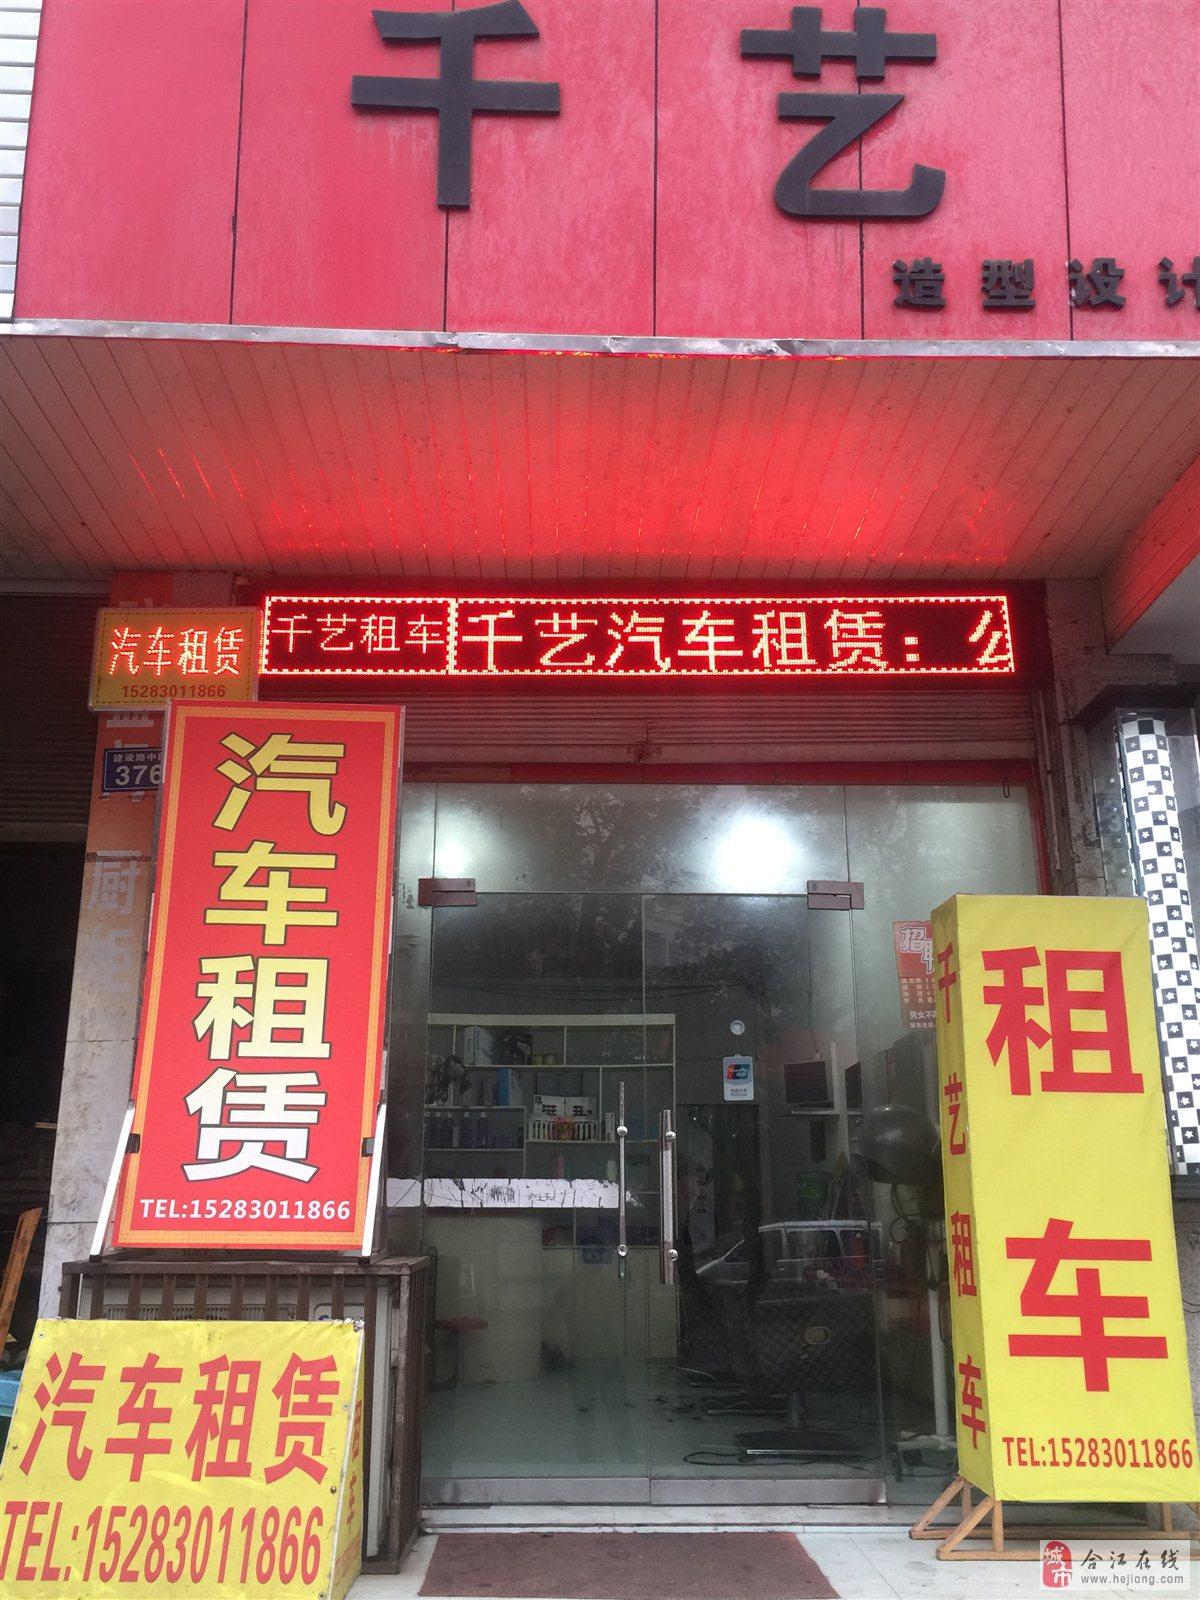 合江县冯亚云租车汽车租赁有限公司